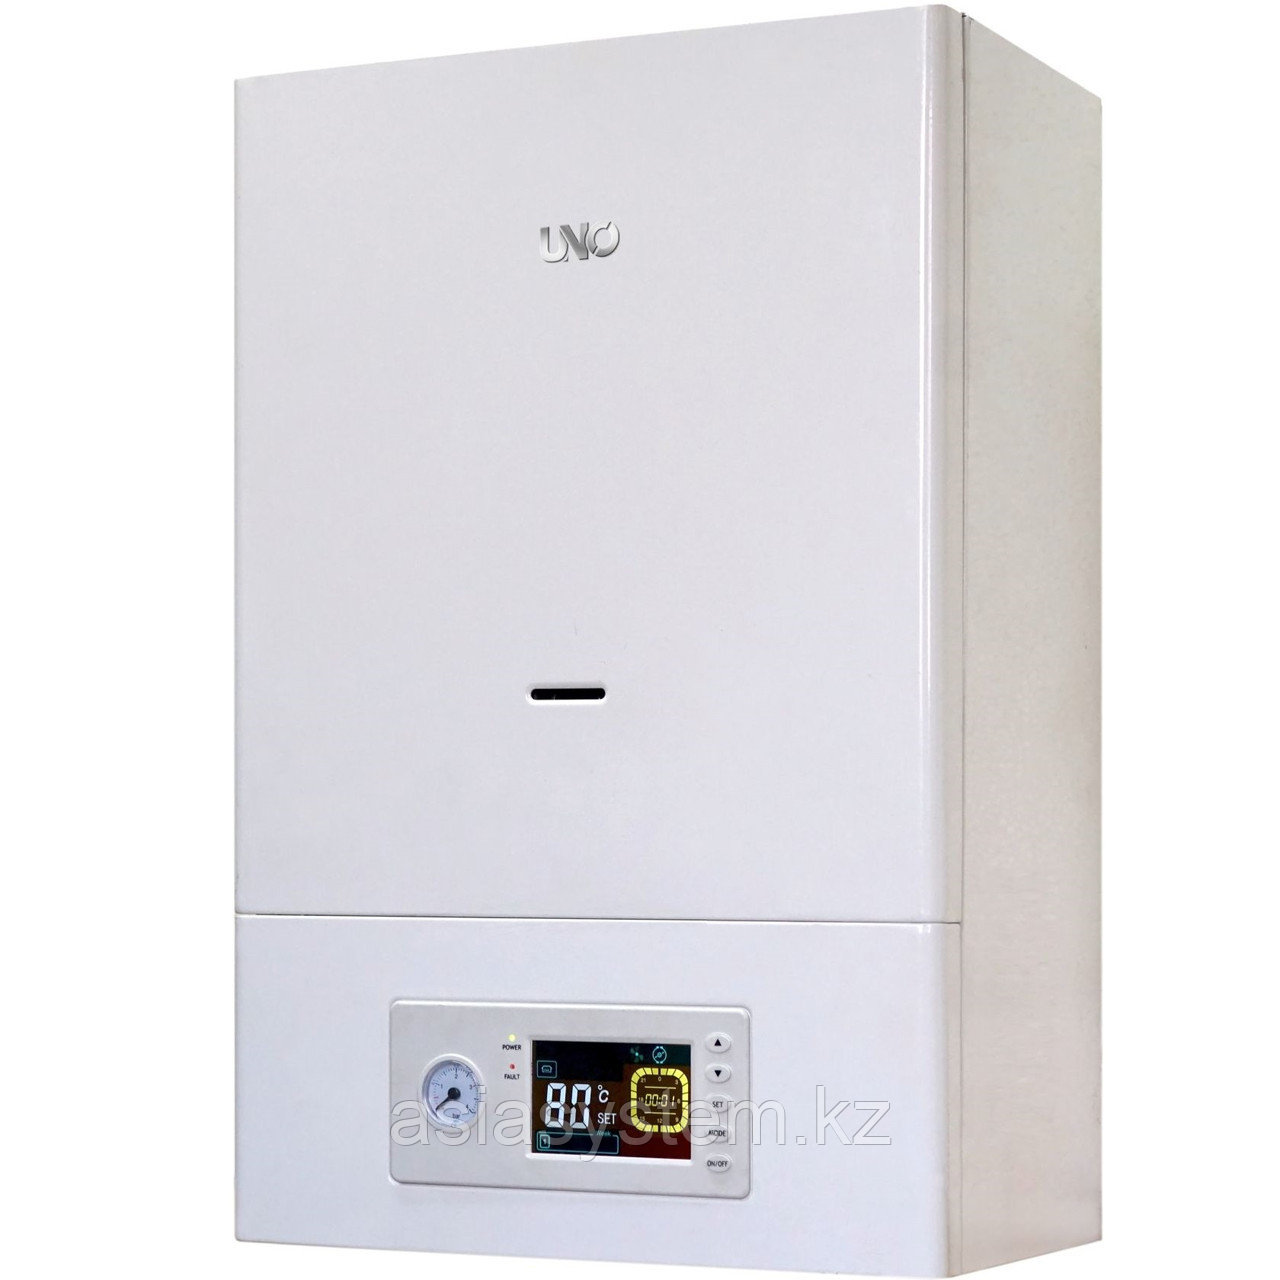 Котел газовый настенный UNO PIRO 12 кВт  до 120м²